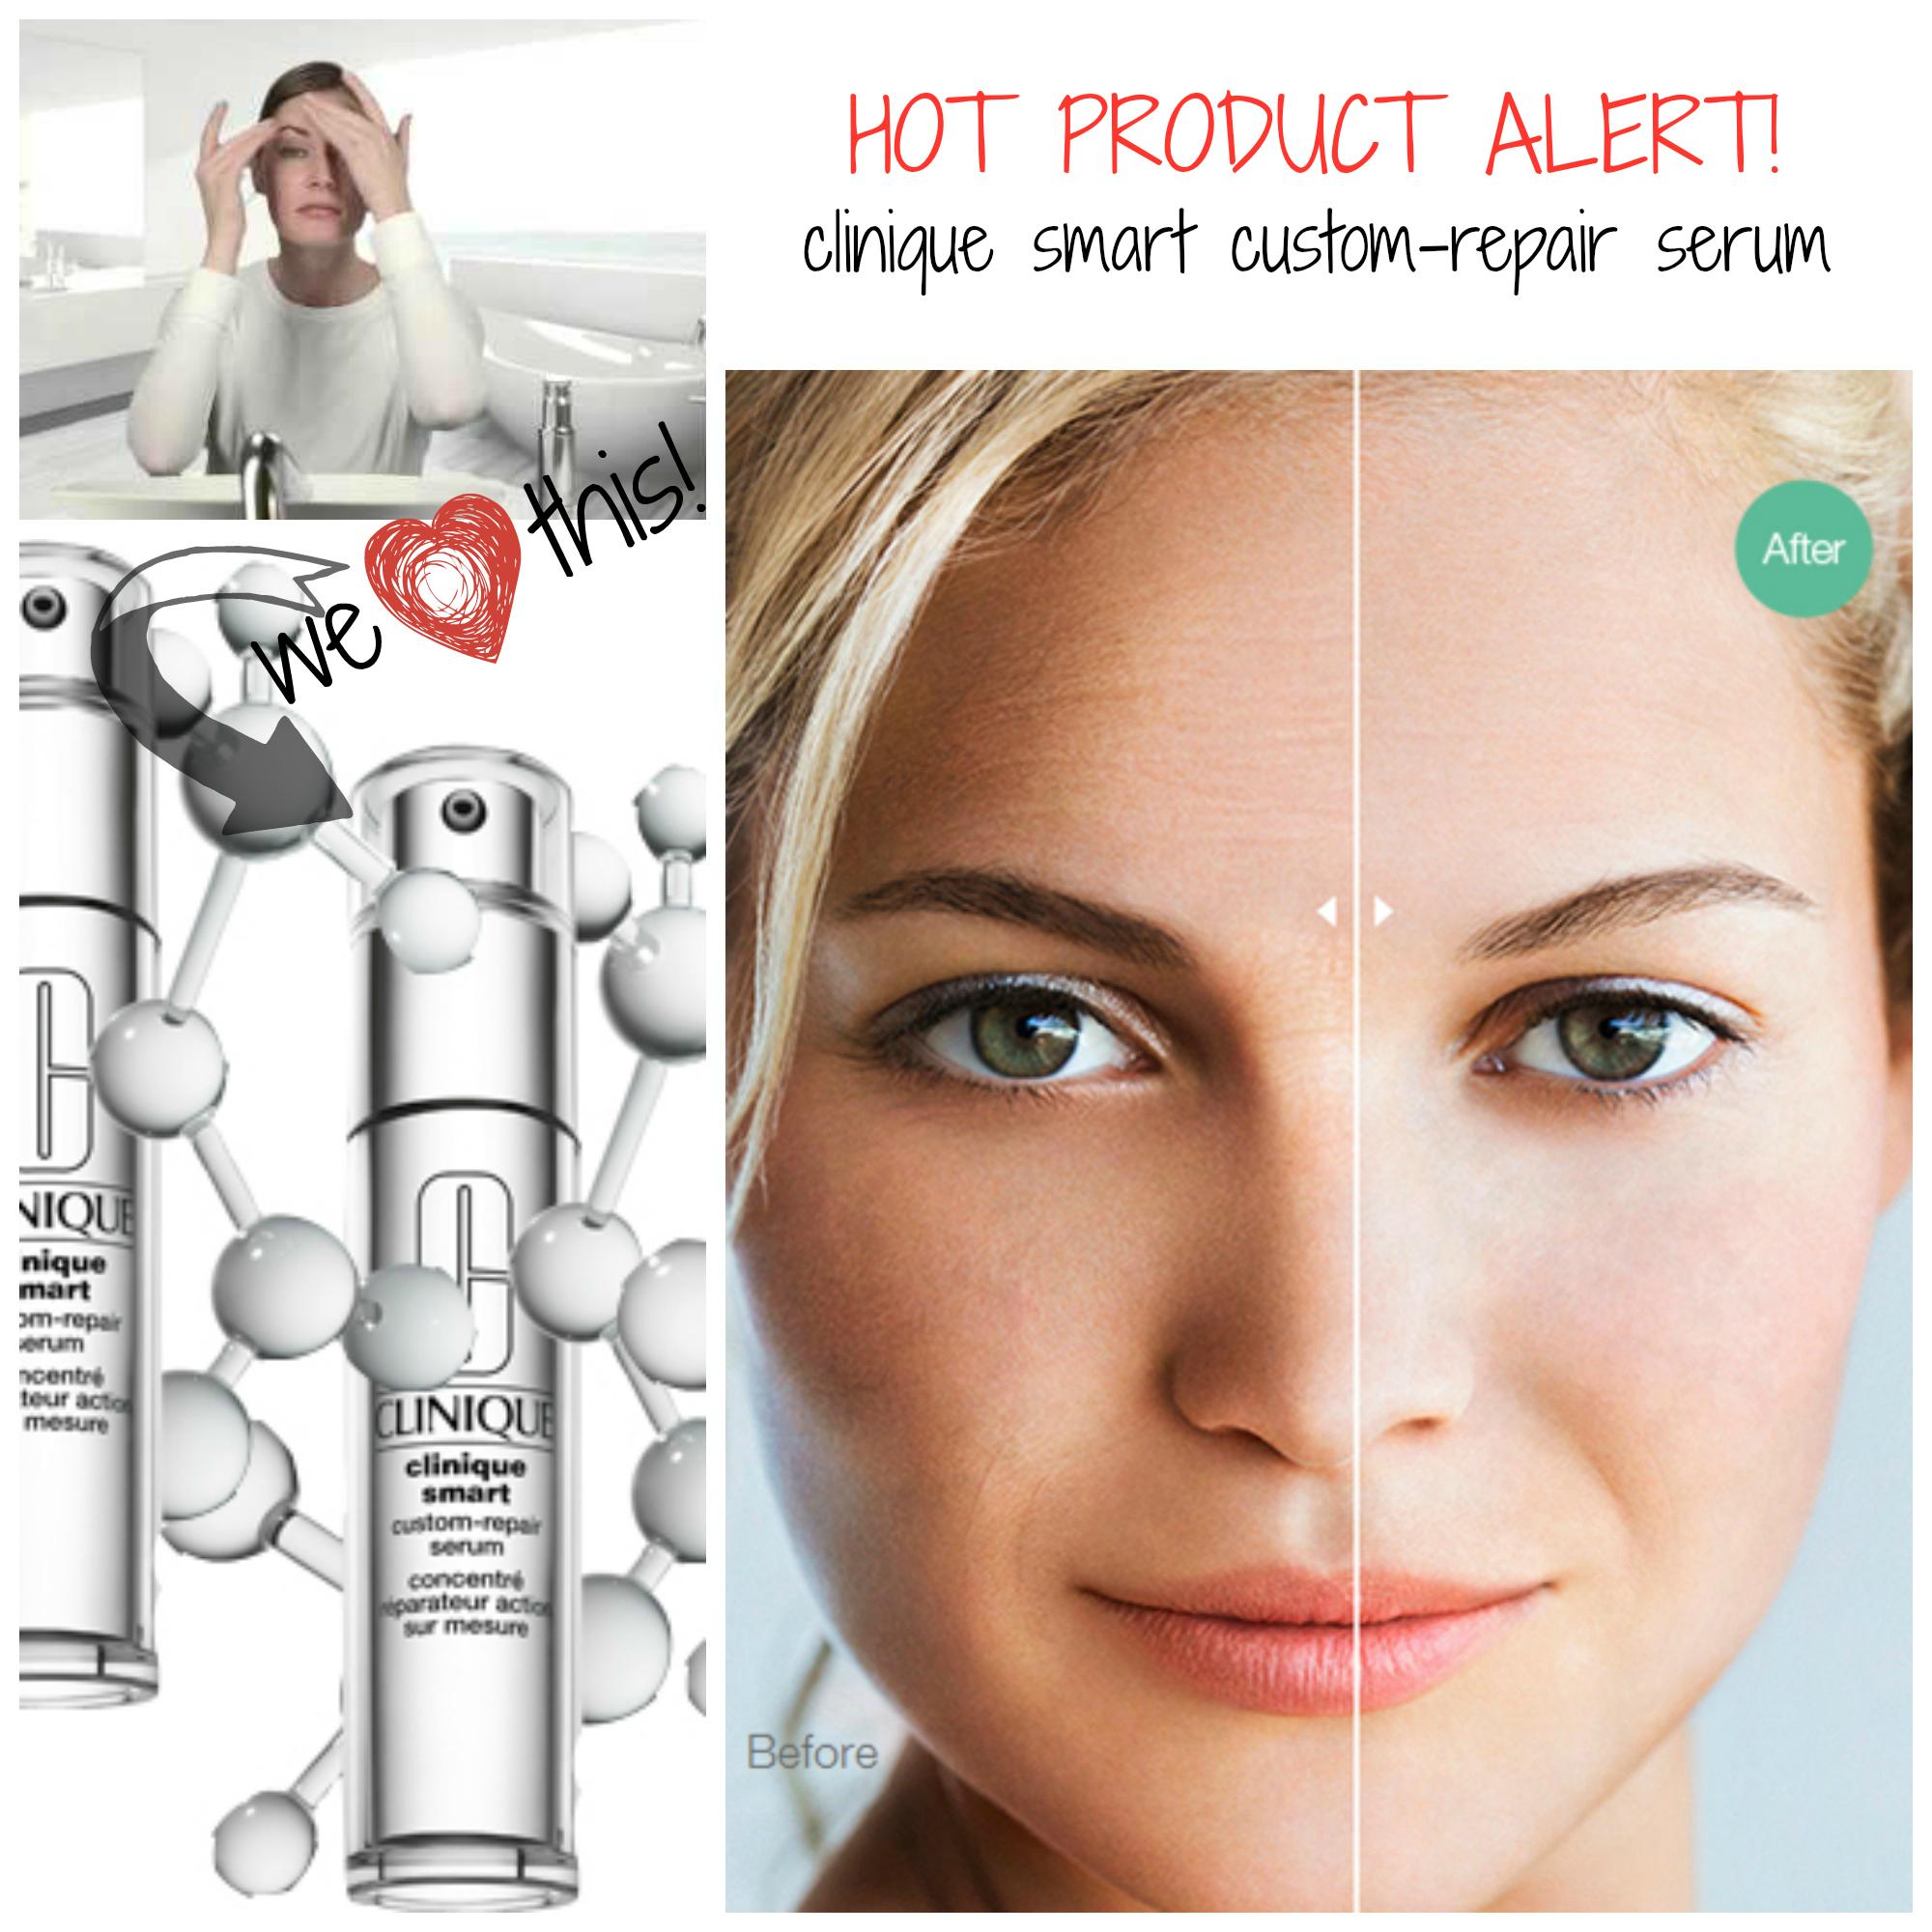 HOT PRODUCT ALERT: Clinique Smart Custom-Repair Serum